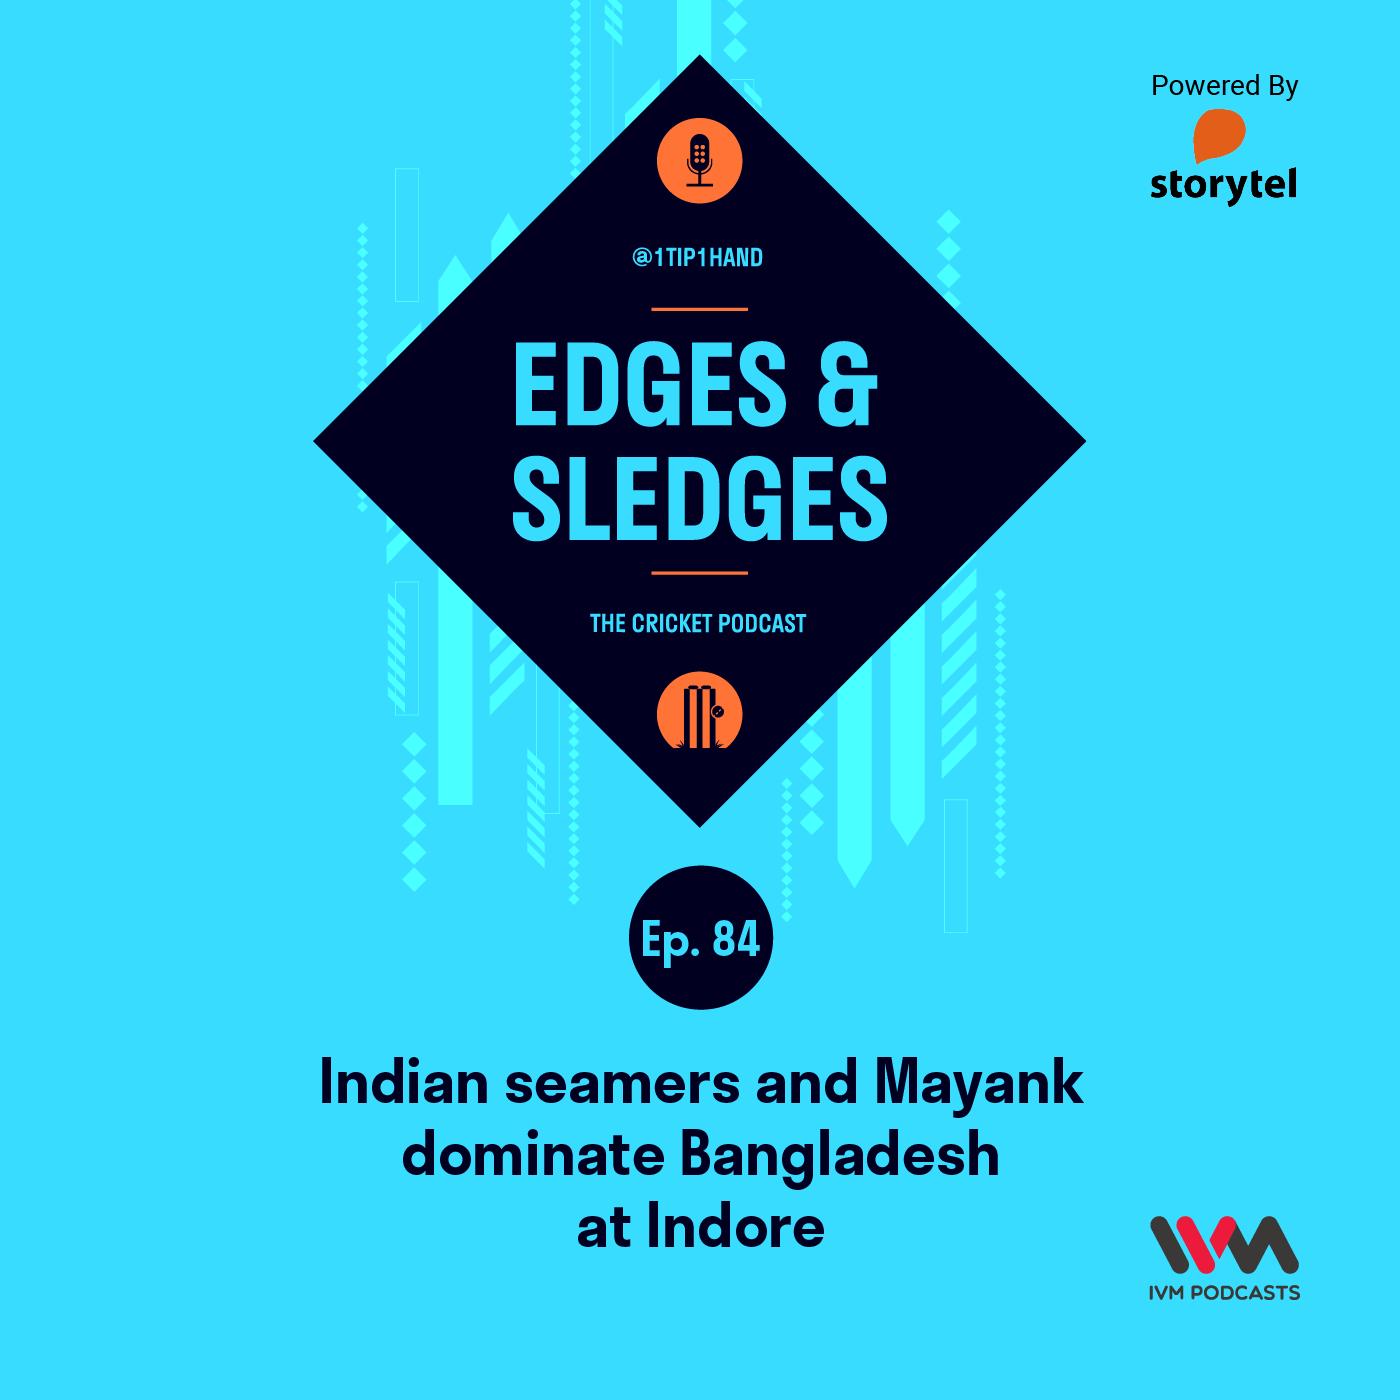 Ep. 84: Indian seamers and Mayank dominate Bangladesh at Indore